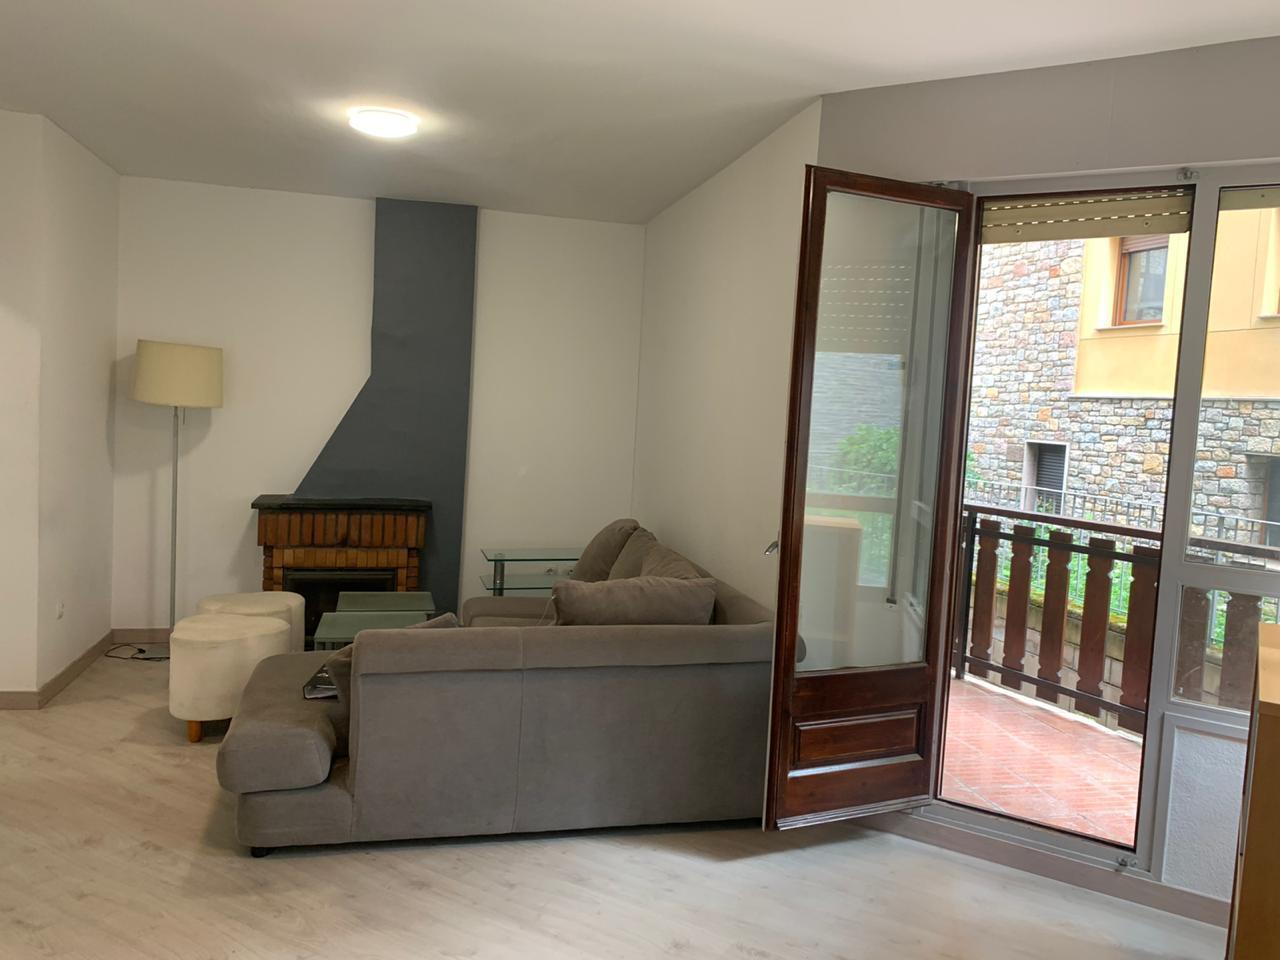 Pis en lloguer a Ordino - Immobiliària Cortals - Andorra - Rèf. 0297